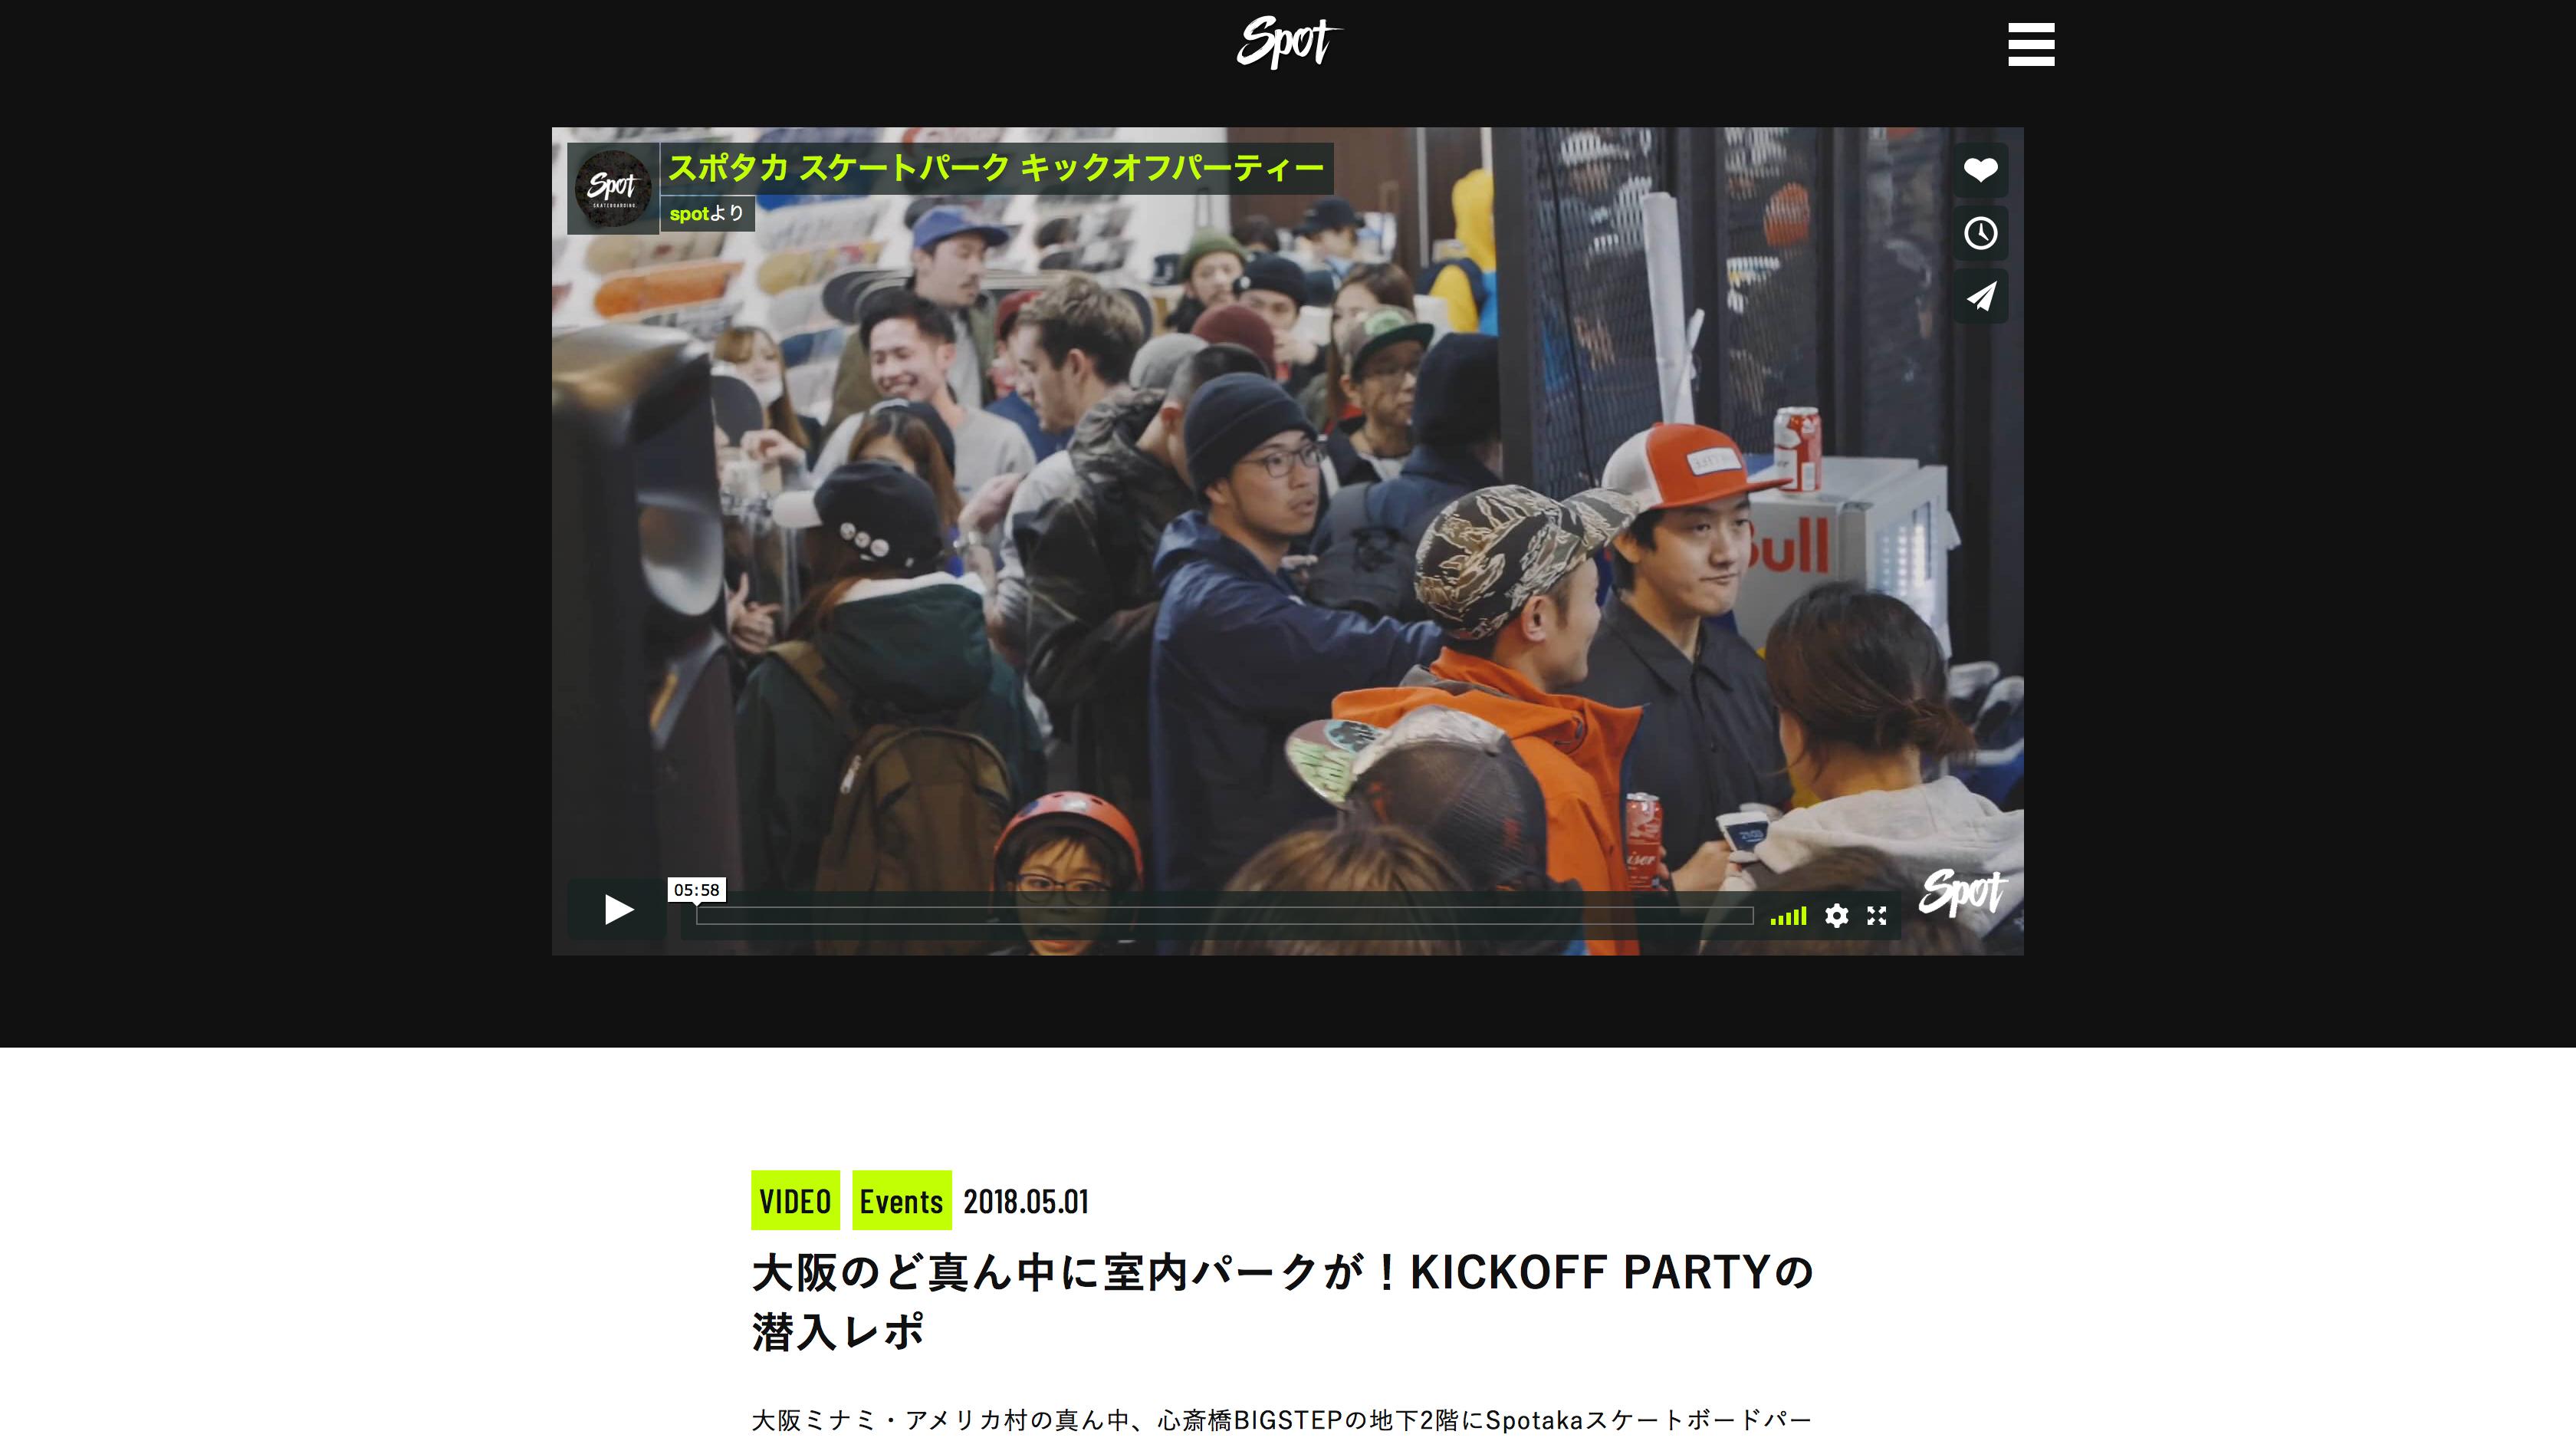 新しいスケートボードWEBマガジン「SPOT SKATEBOARDING」に伝説のローンチパーティがピックアップされました